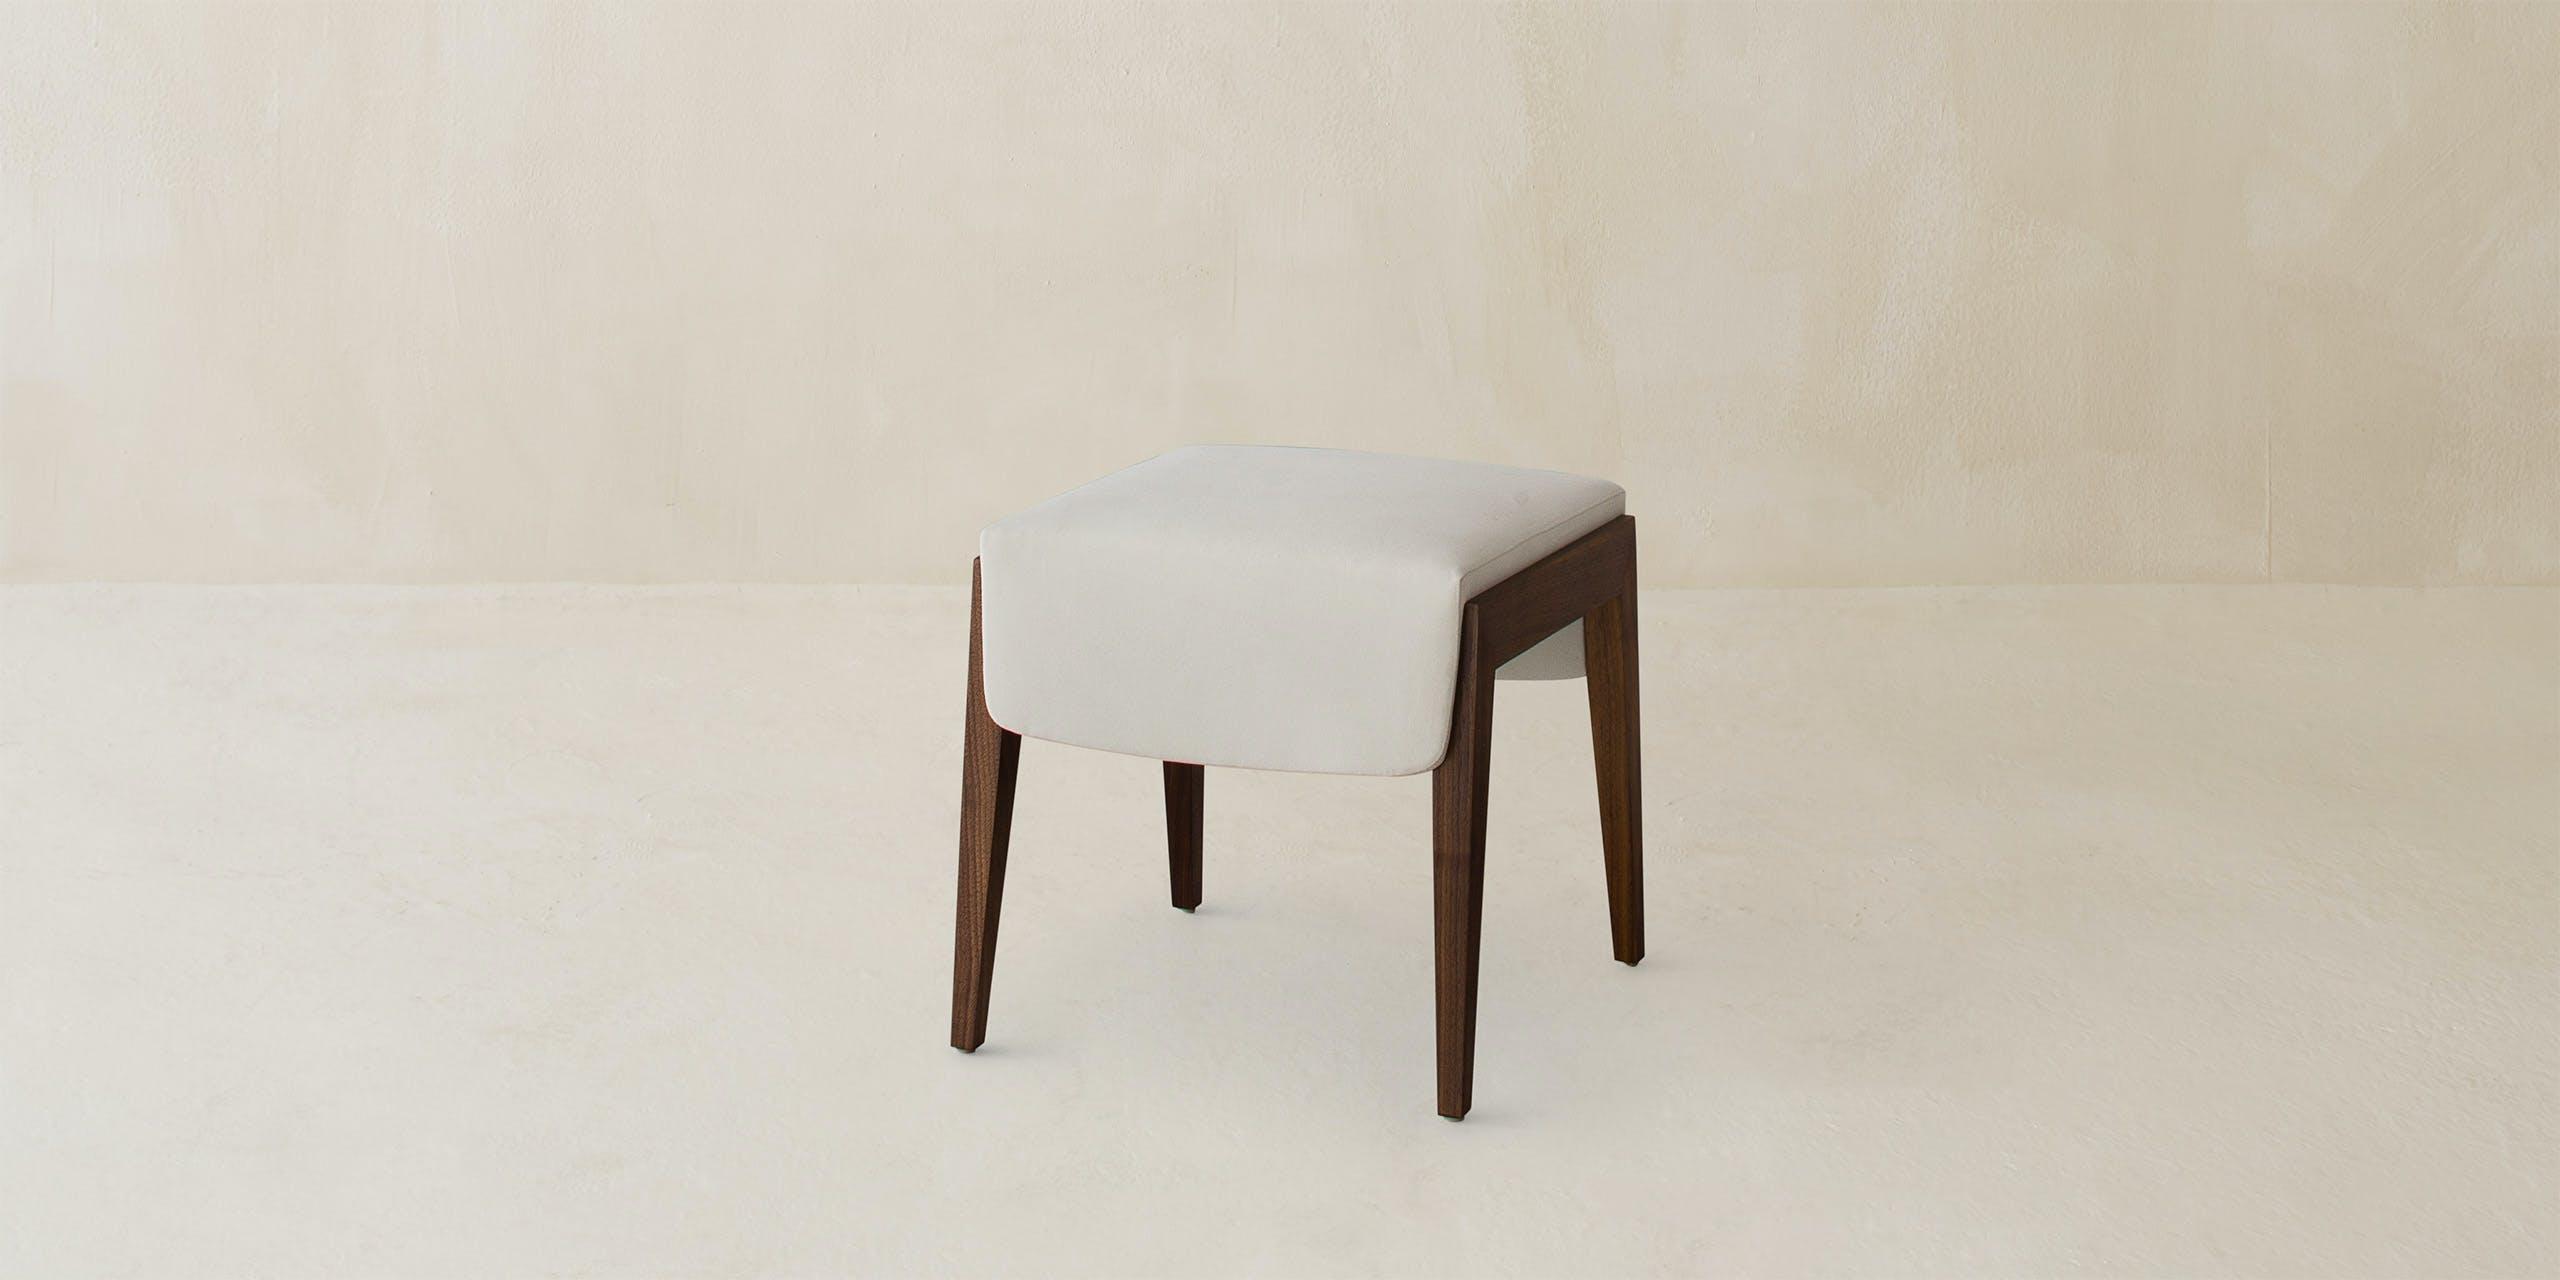 Trilby stool main.jpg?ixlib=rails 2.1